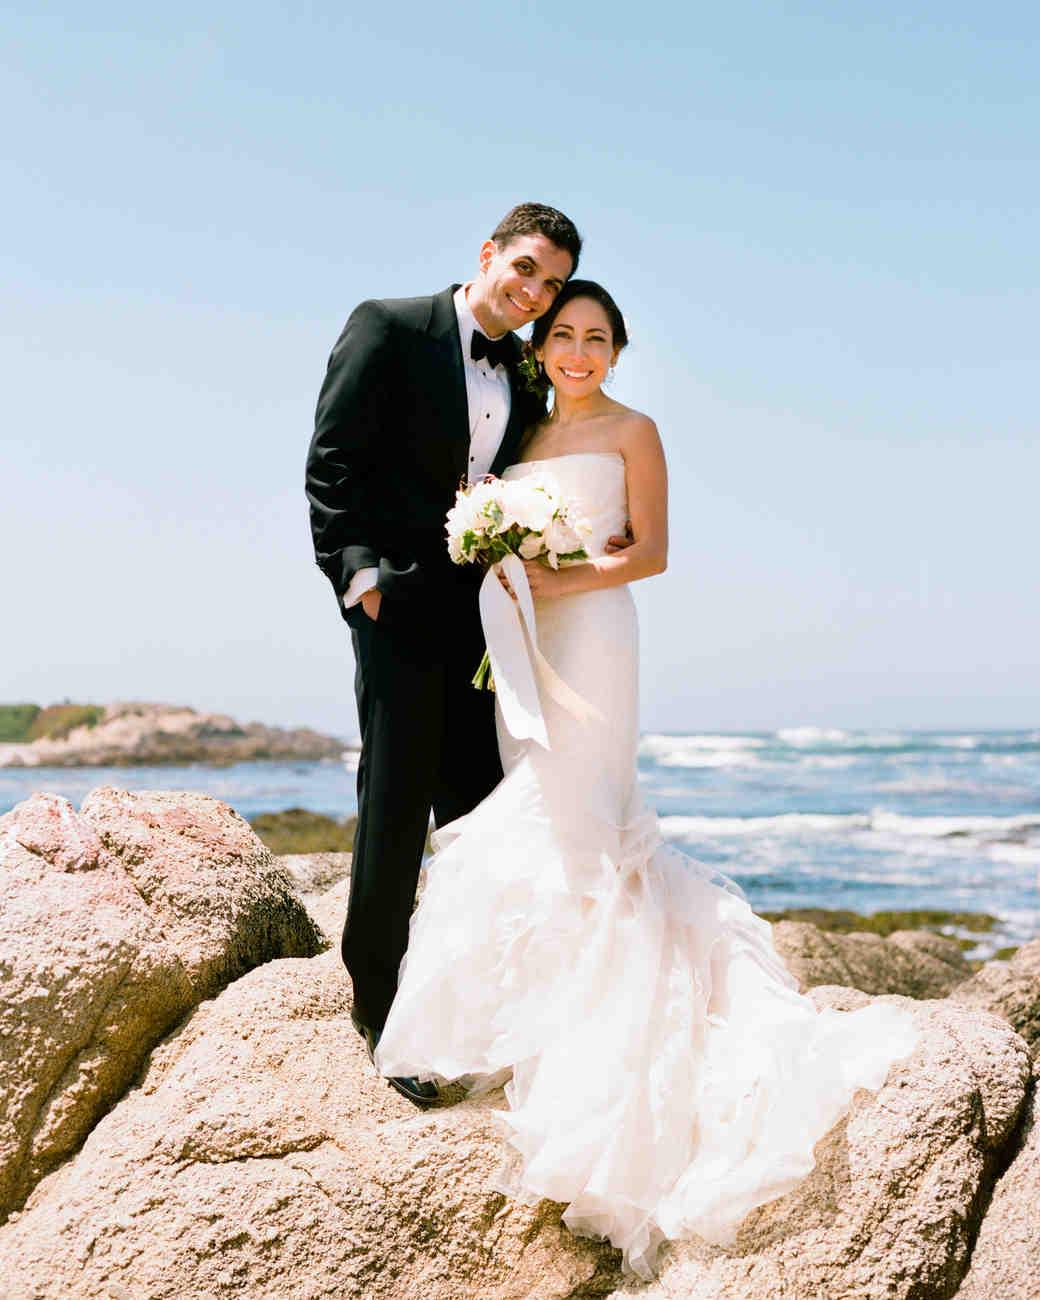 marwa-peter-wedding-portrait3-0414.jpg